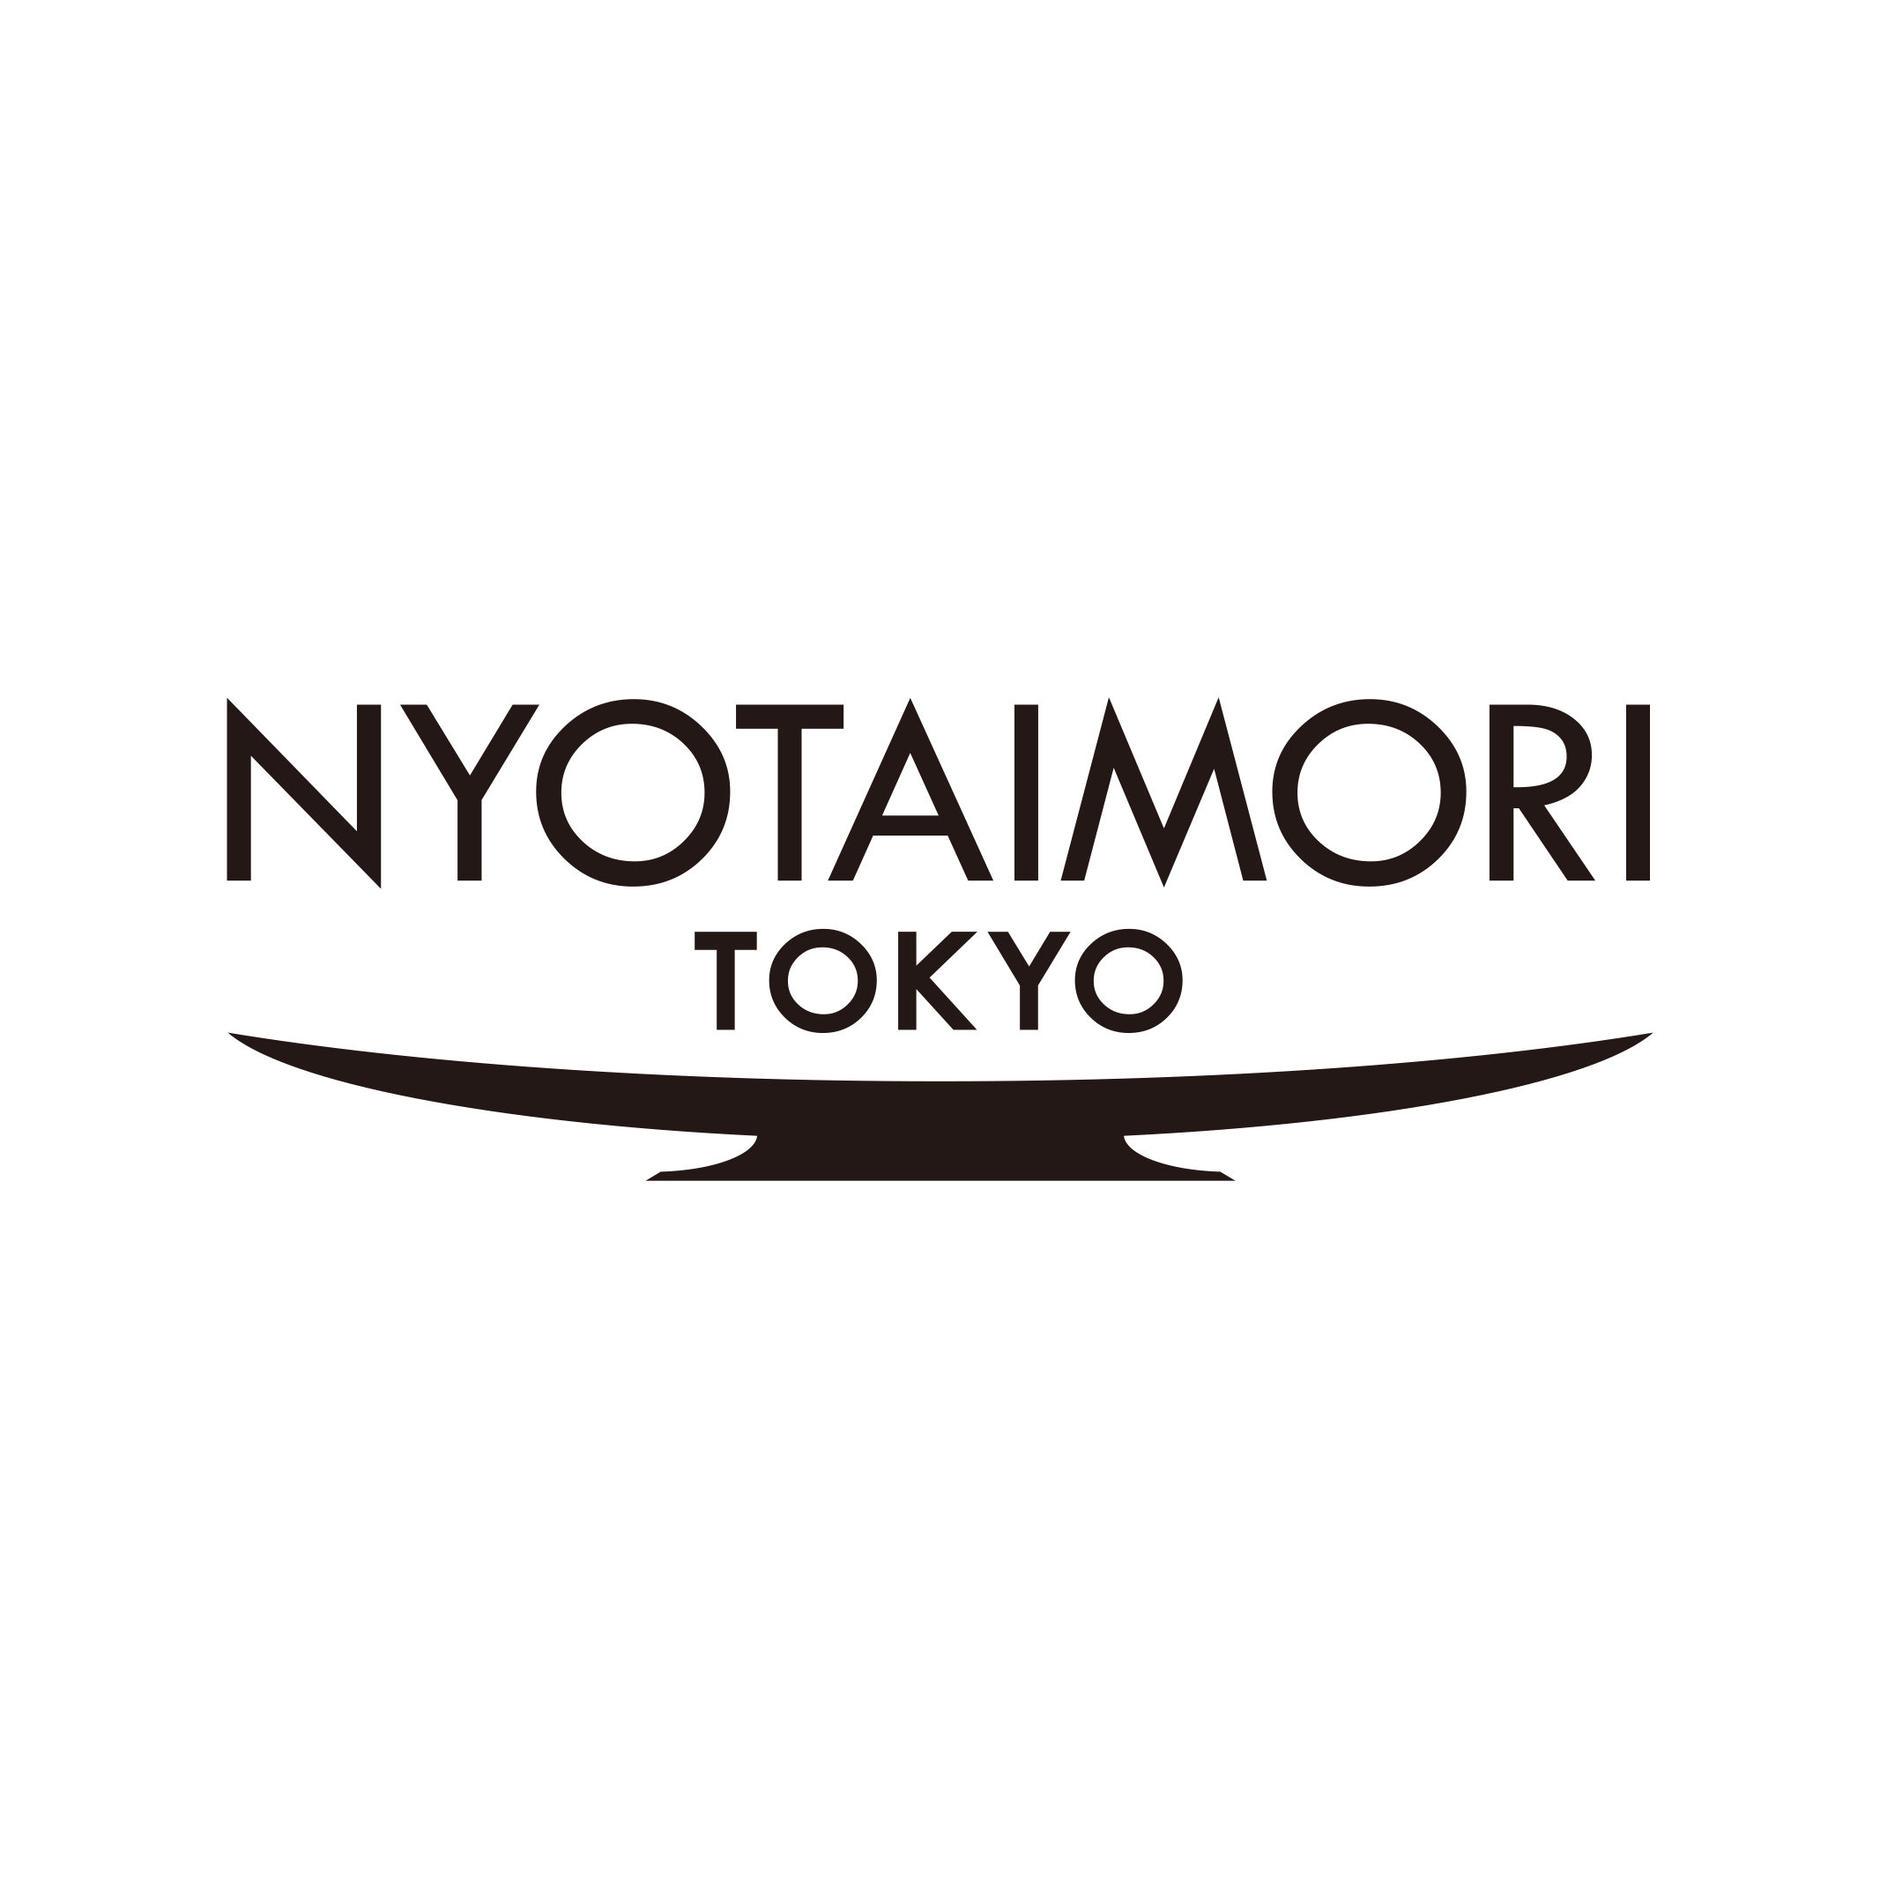 NYOTAIMORI TOKYO